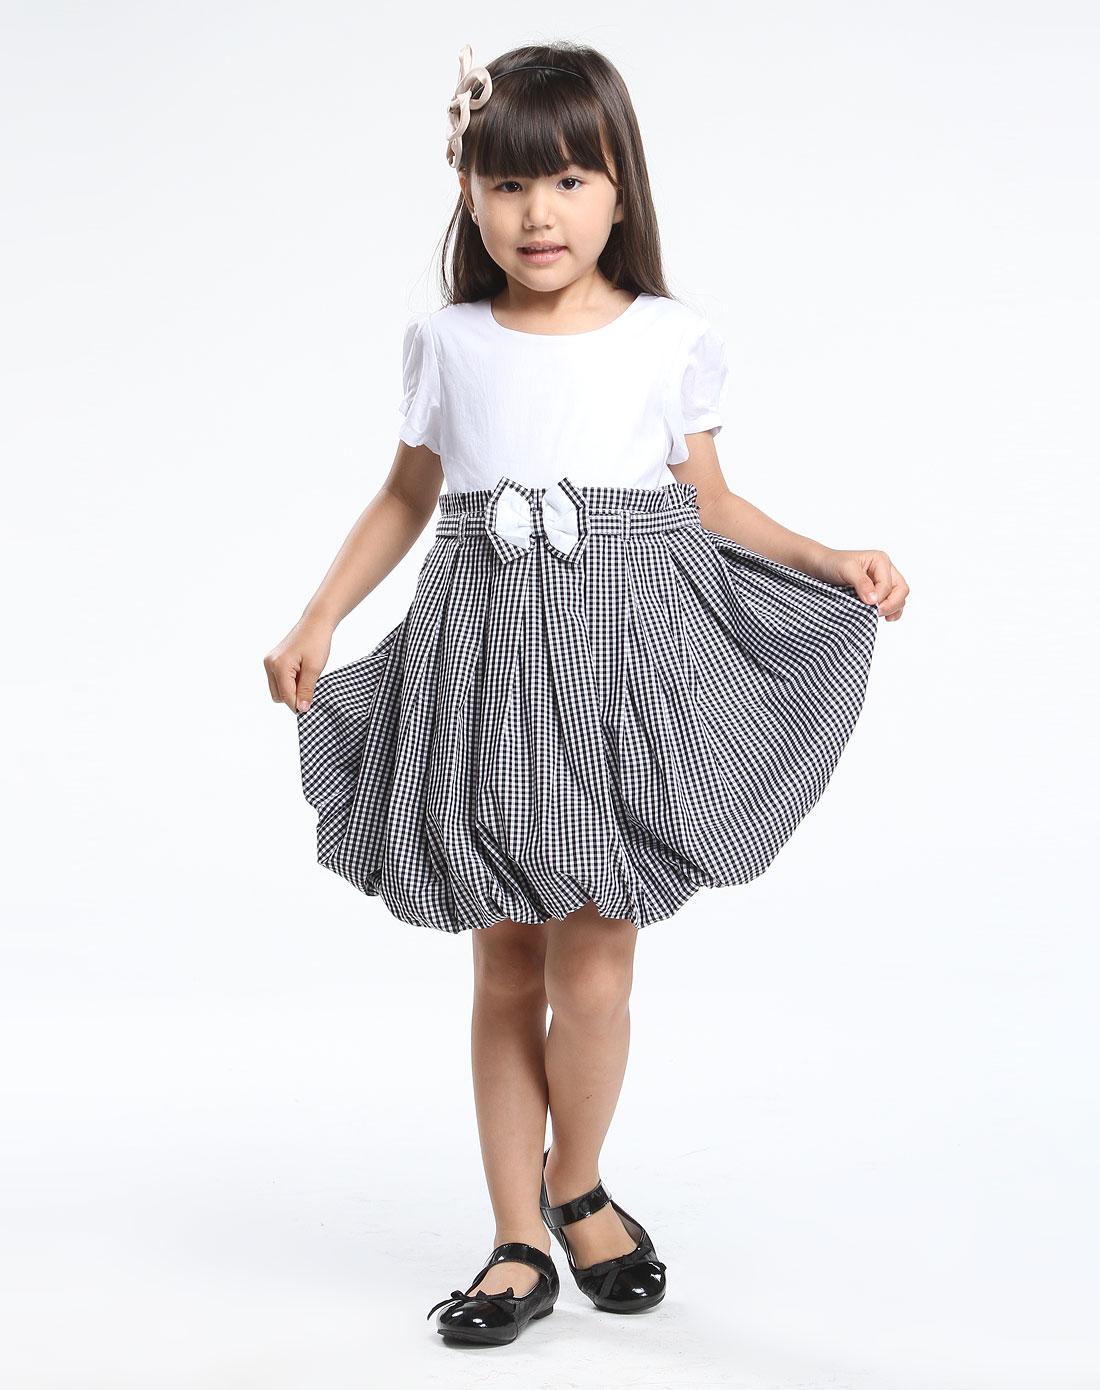 女童黑白色圆领蝴蝶泡泡裙